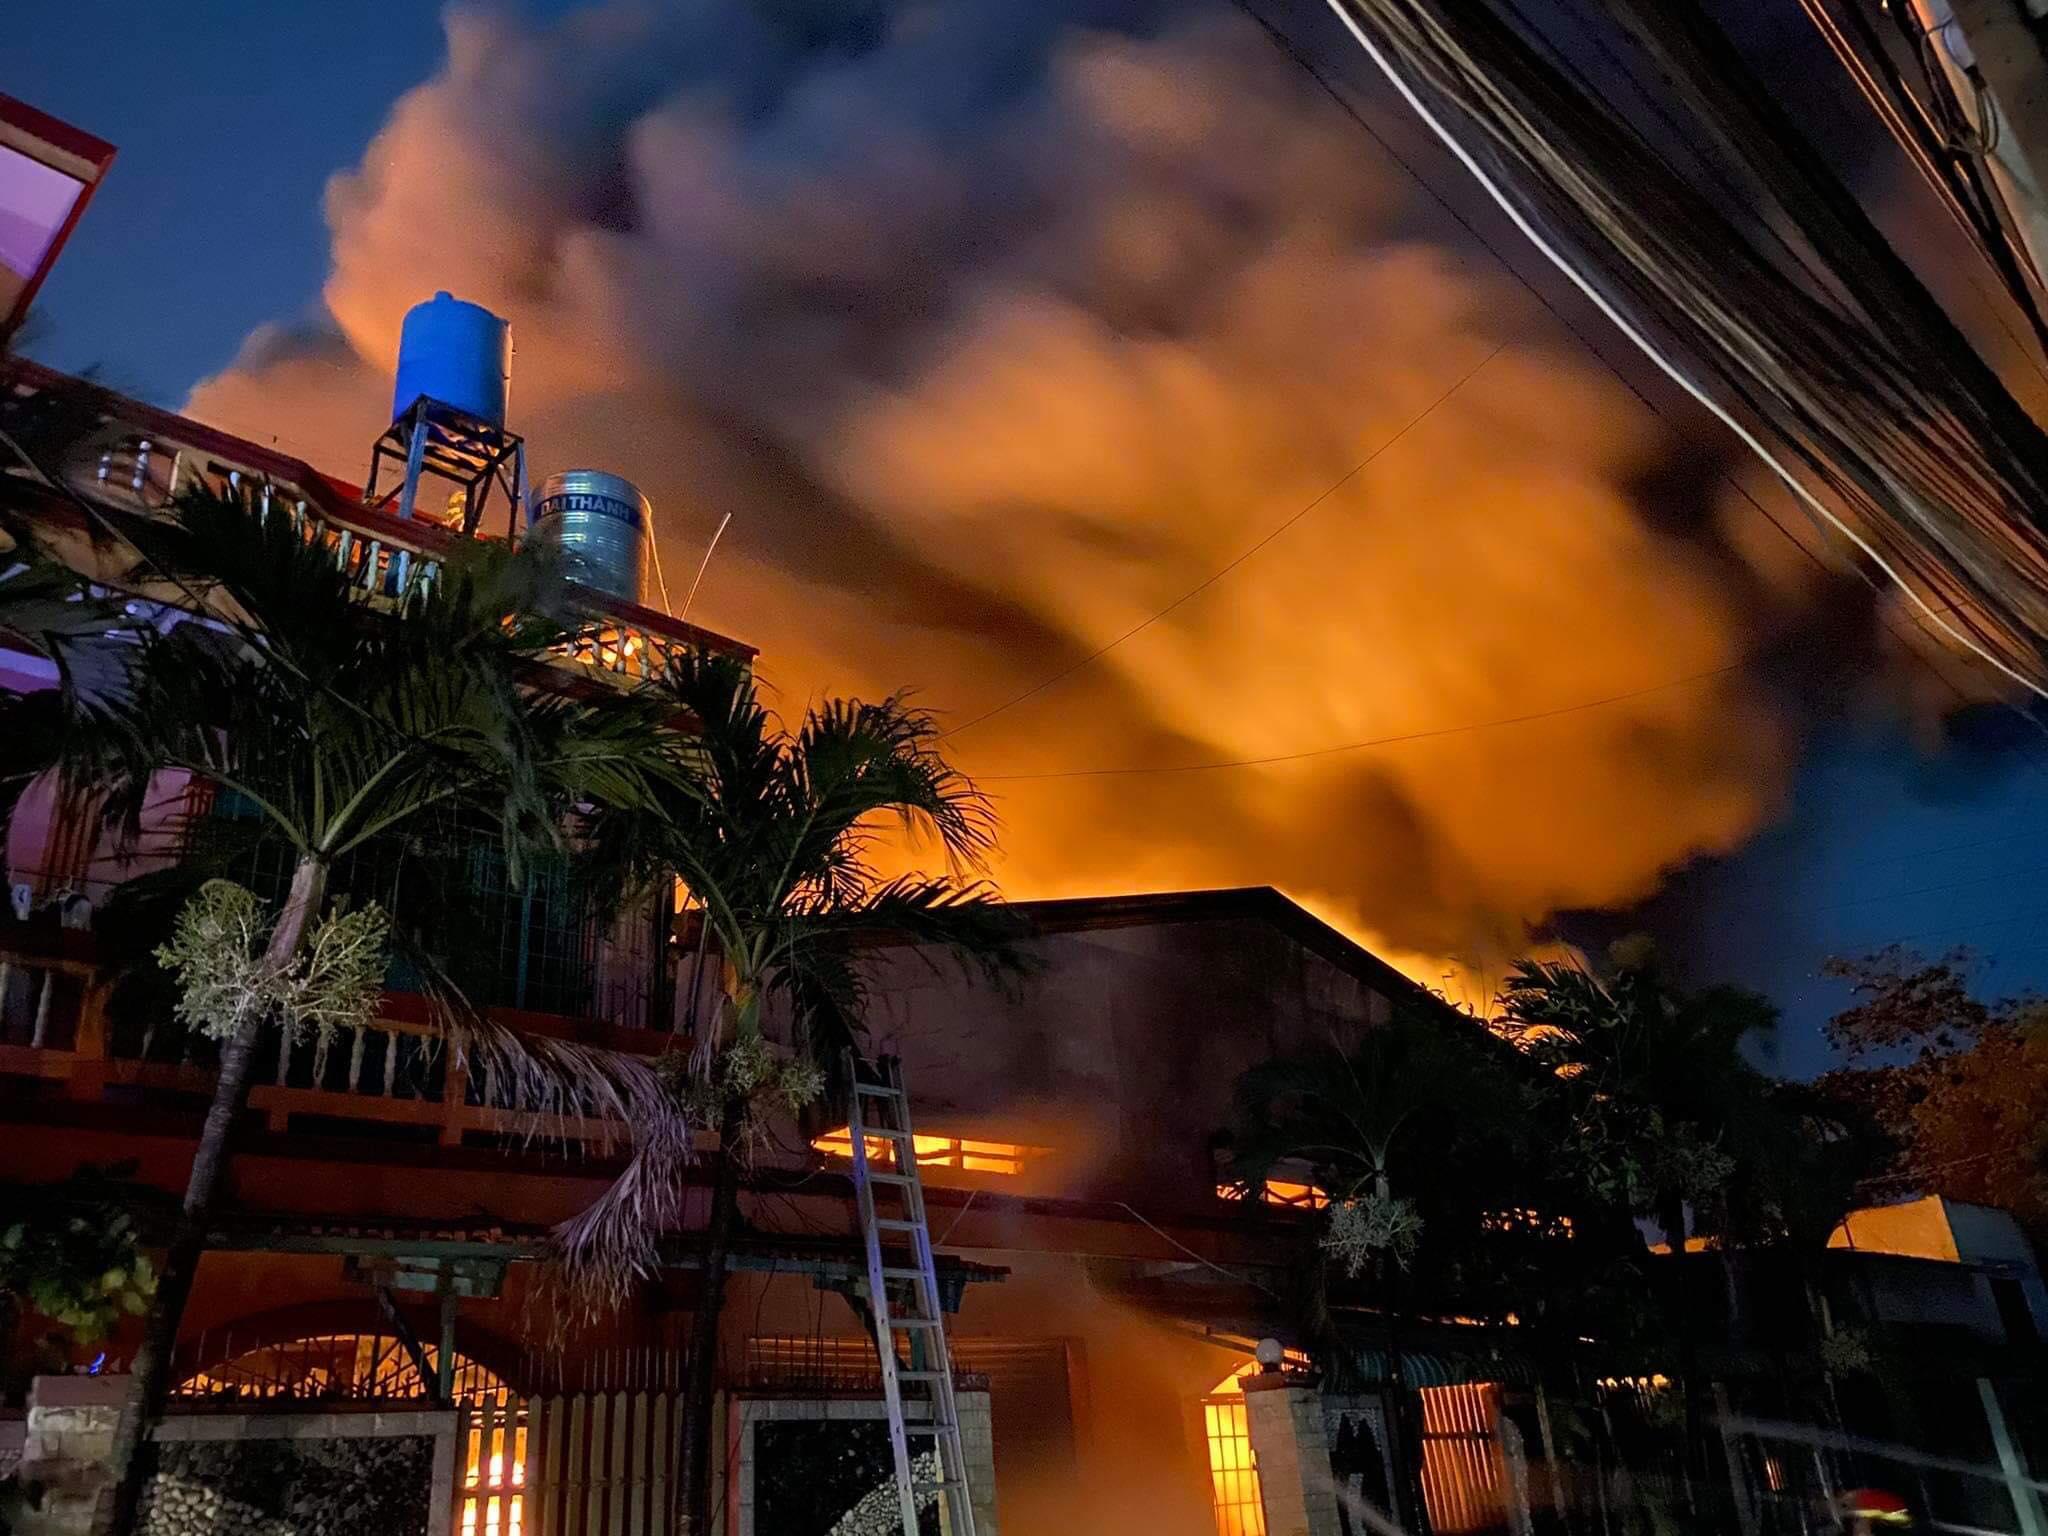 Đang cháy lớn tại kho chứa vải ở Sài Gòn - 2